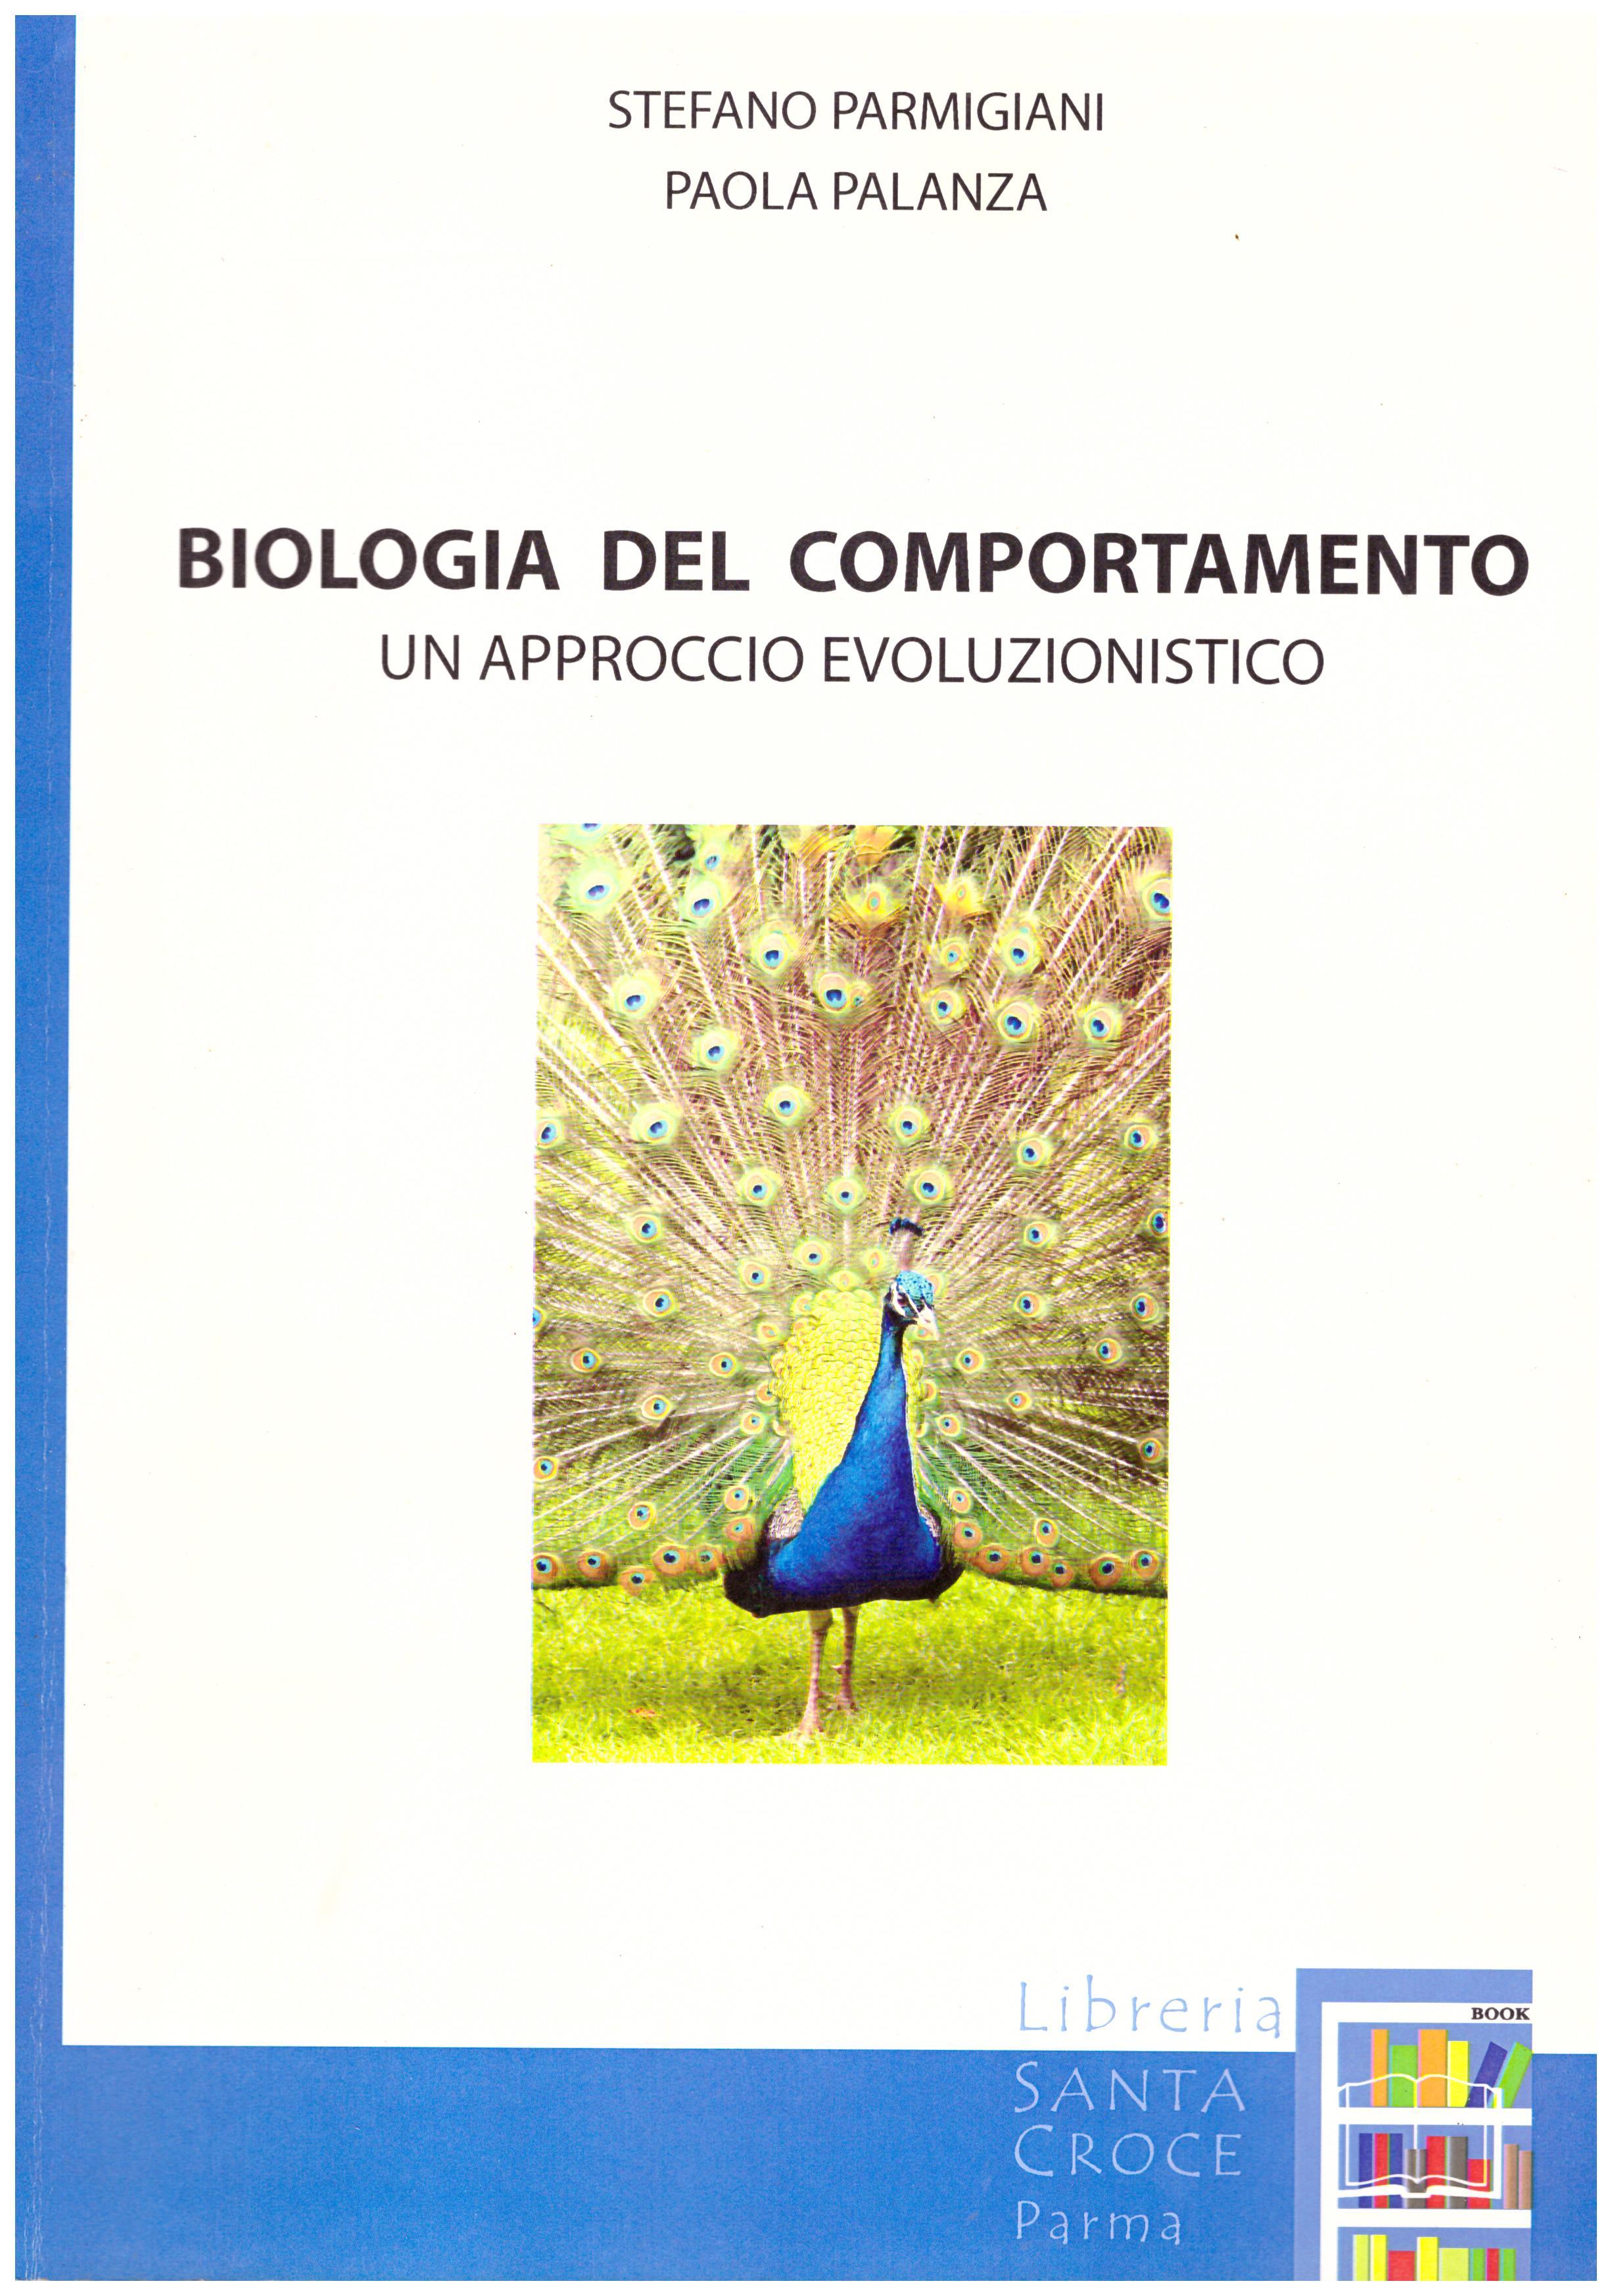 Titolo: Biologia del comportamento un approccio evoluzionistico Autore: Stefano Parmigiani, Paola Palanza Editore: libreria santa croce, Parma 2006